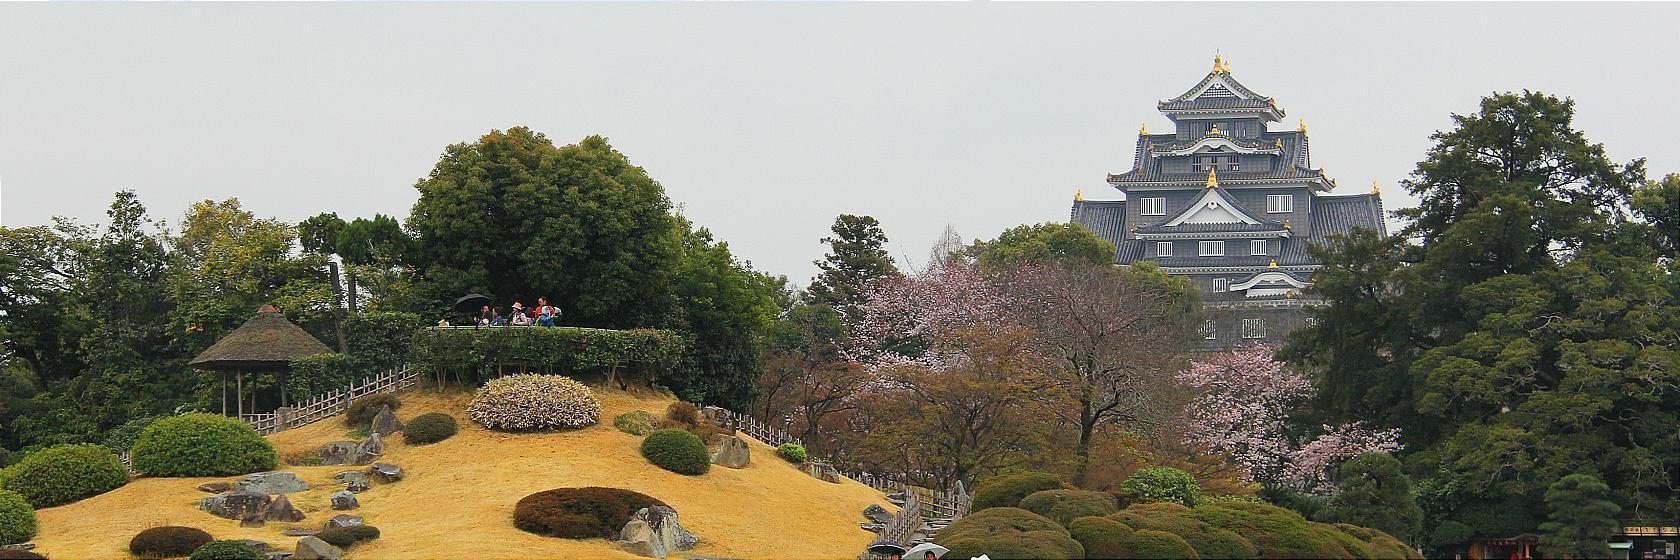 Japanese Garden Ideas Kyoto Japan